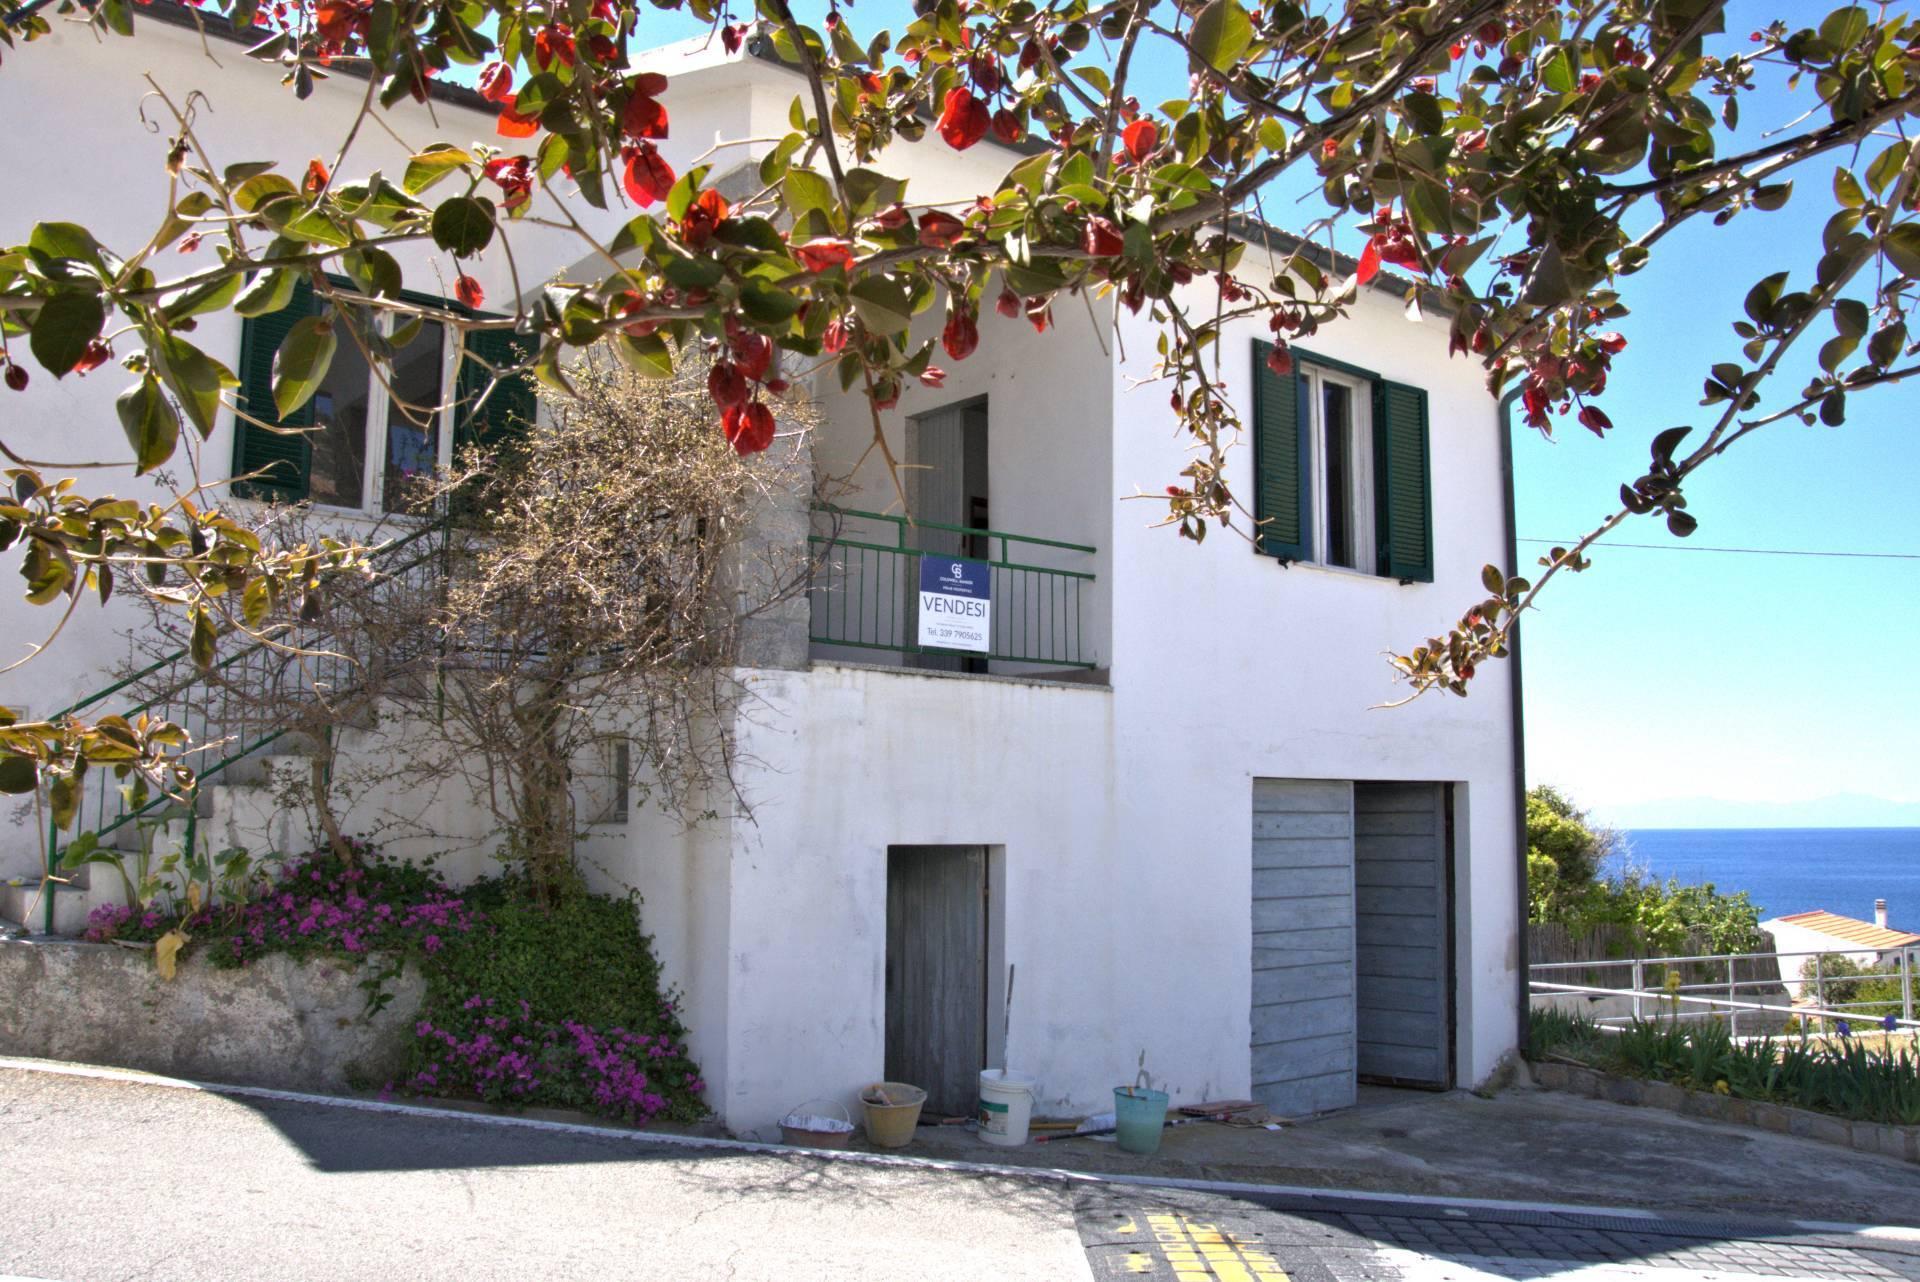 Villa in vendita a Marciana, 6 locali, zona Zona: Chiessi, prezzo € 600.000 | CambioCasa.it